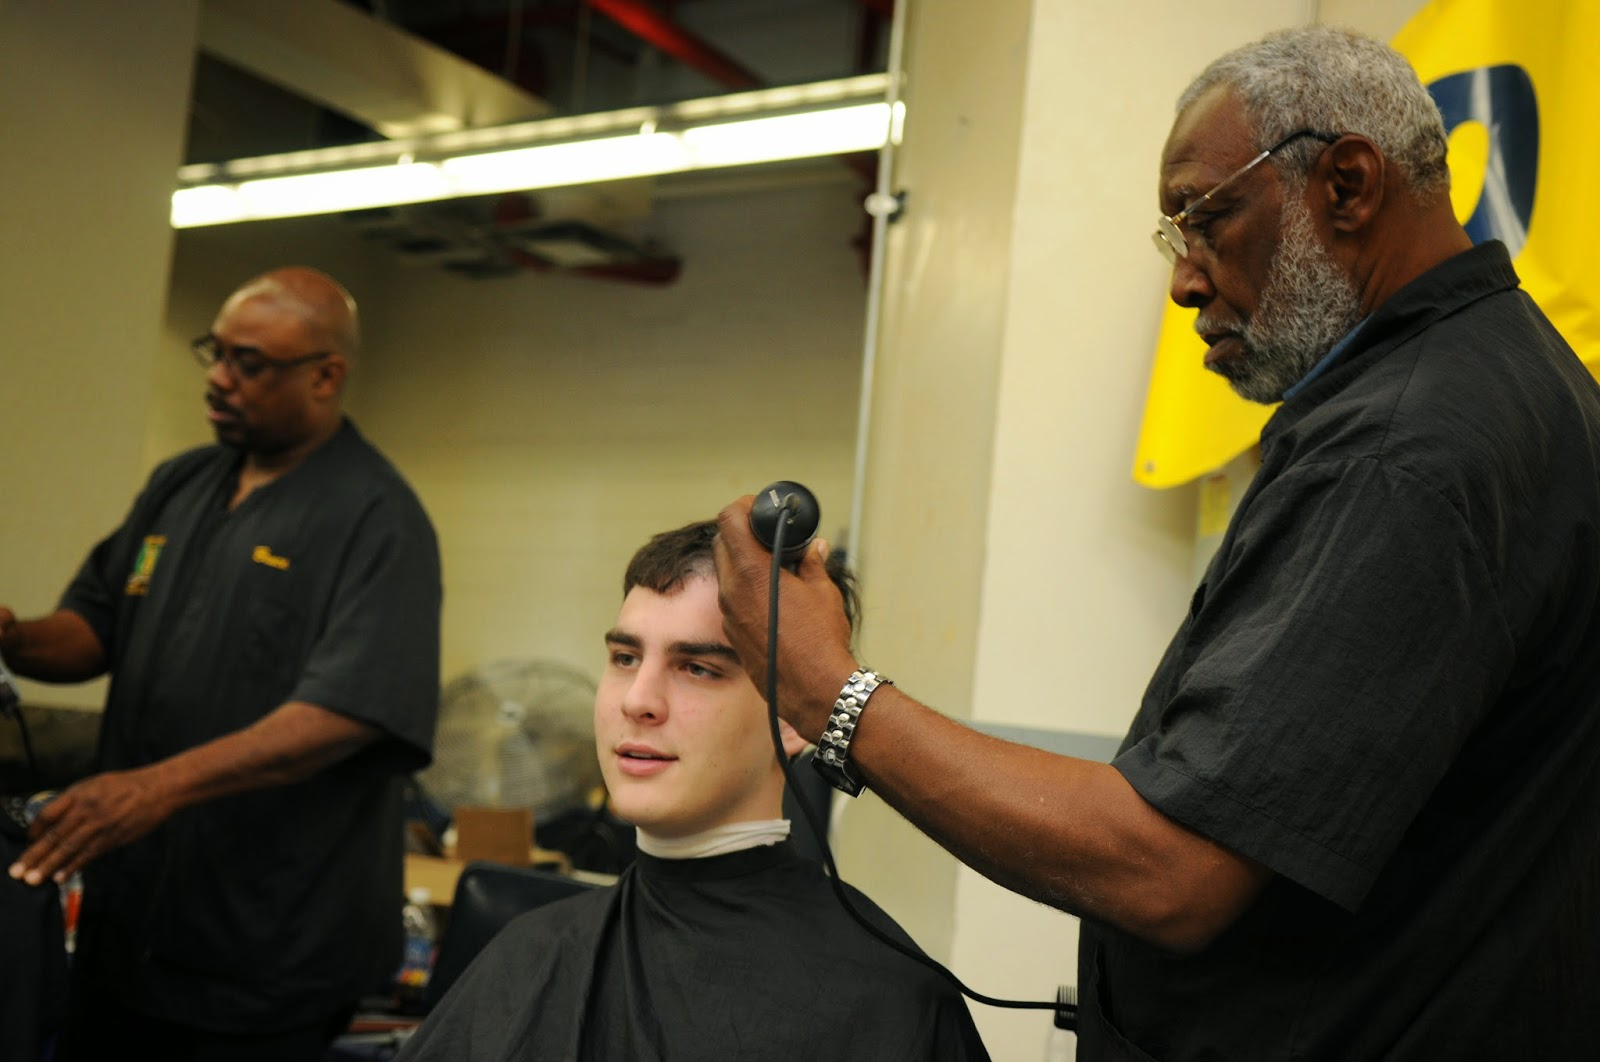 Naval Academy barber Ernest